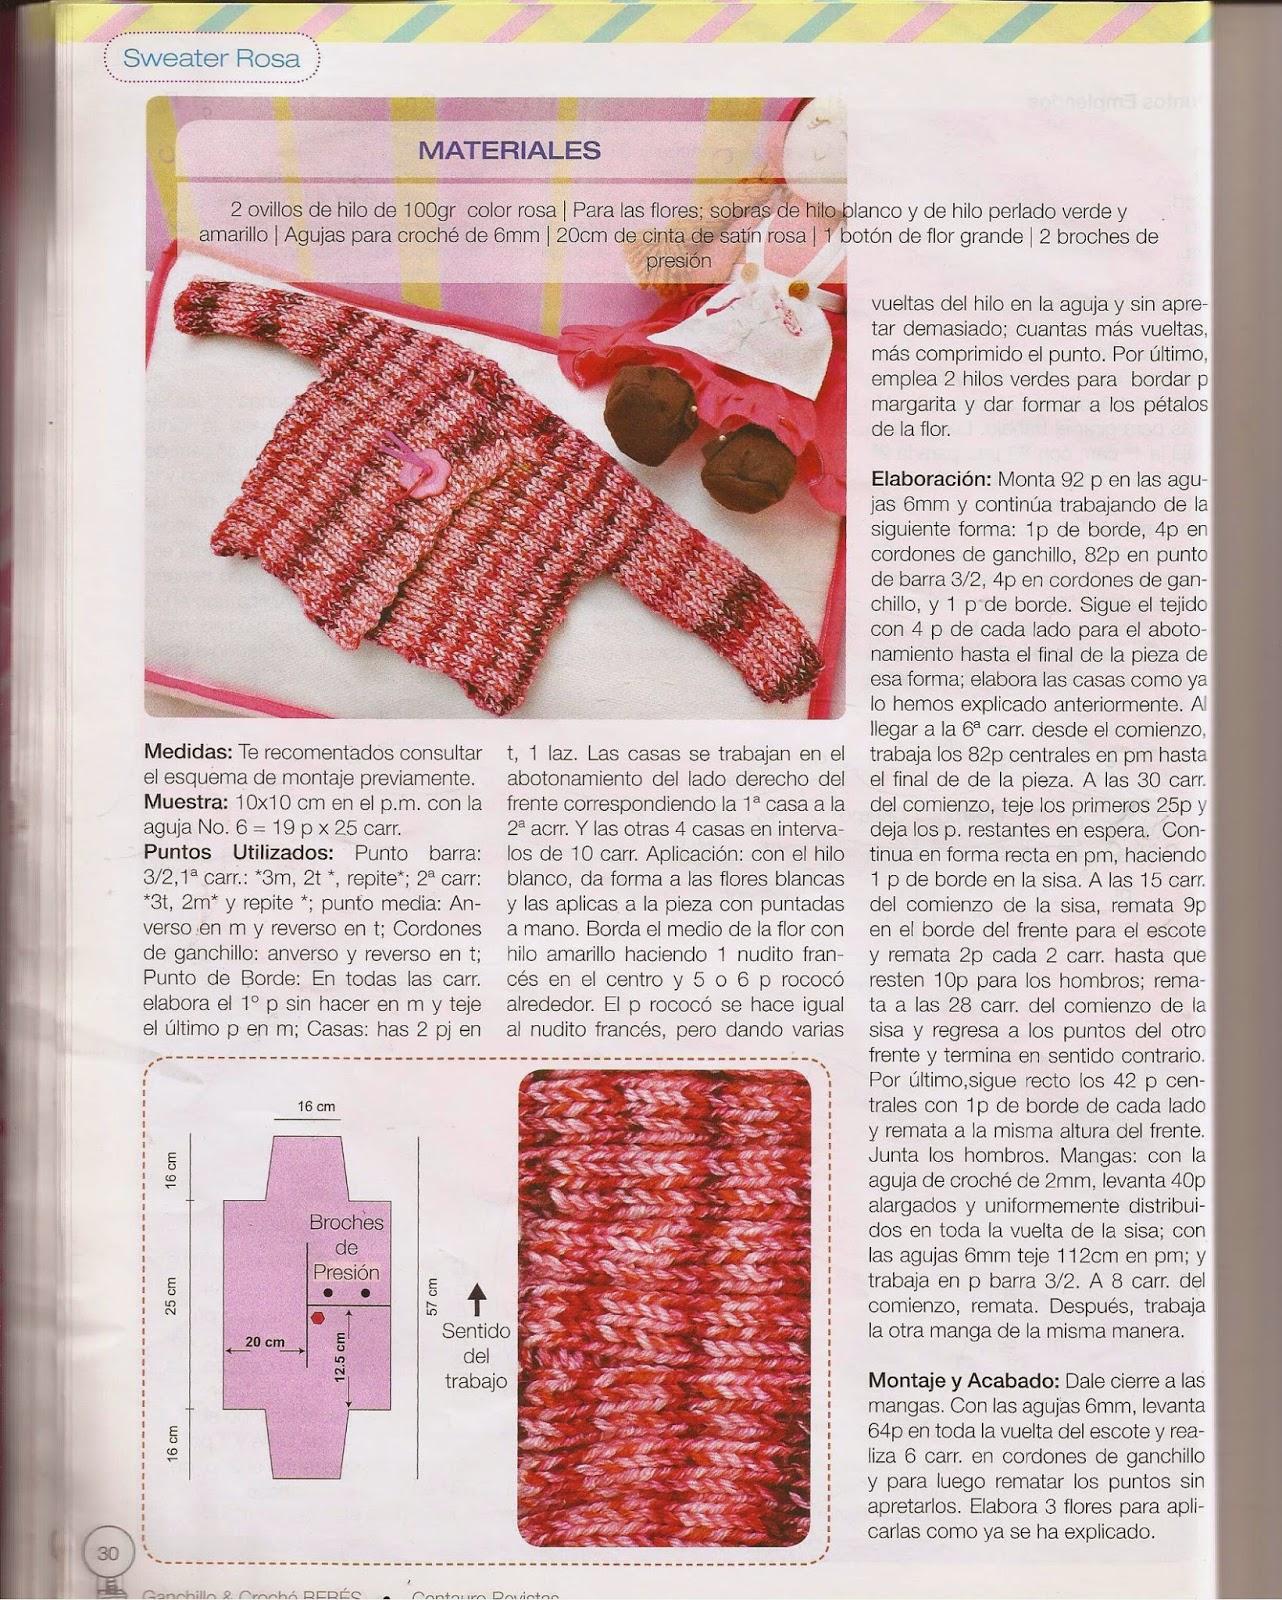 Famoso Patrones De Ganchillo Cinta De Color Rosa Ornamento - Ideas ...